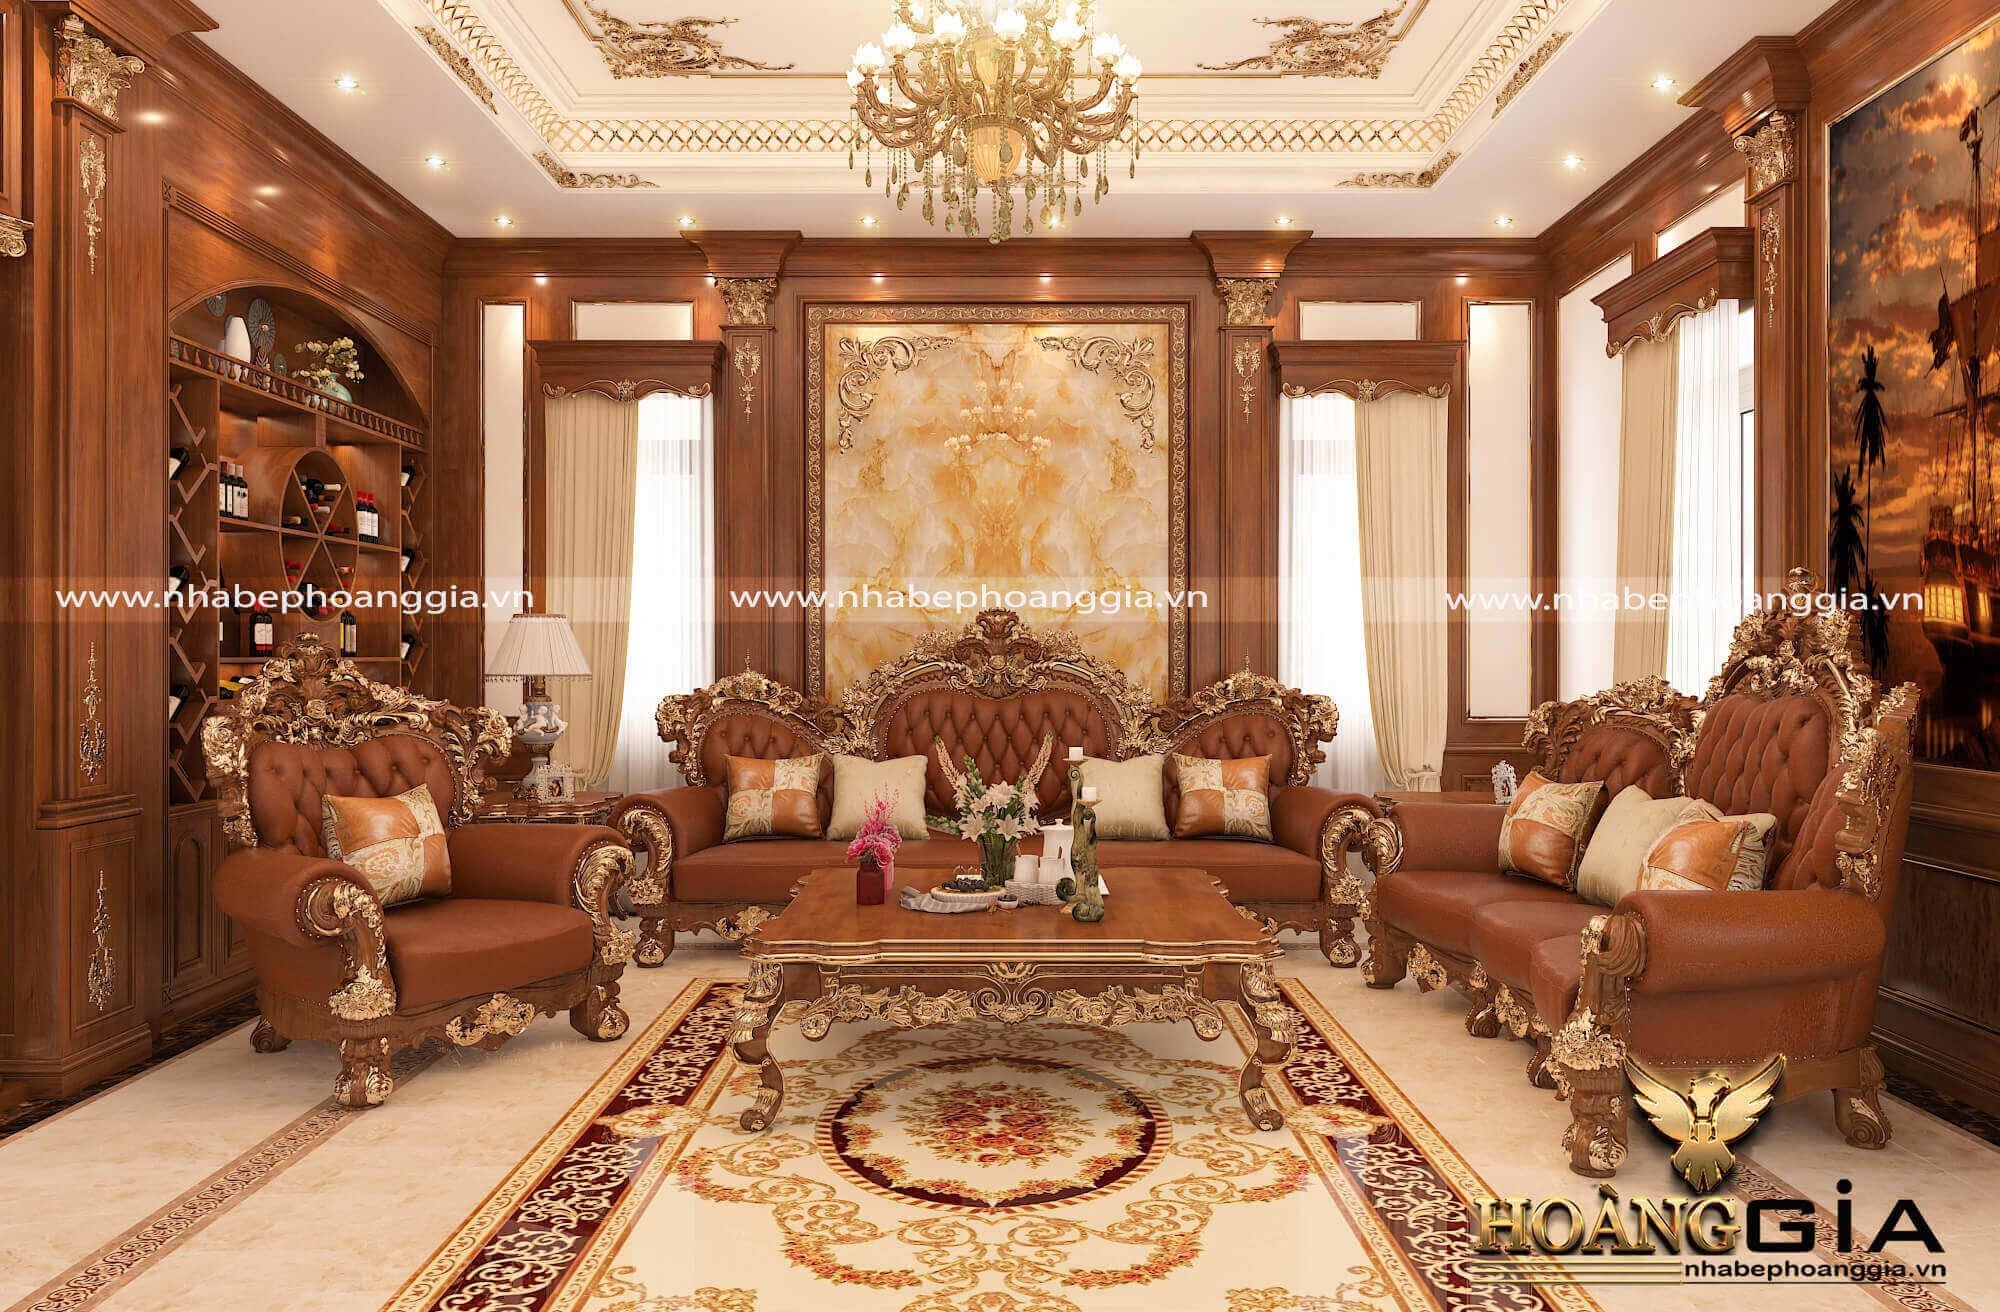 nội thất tân cổ điển cho nhà biệt thự